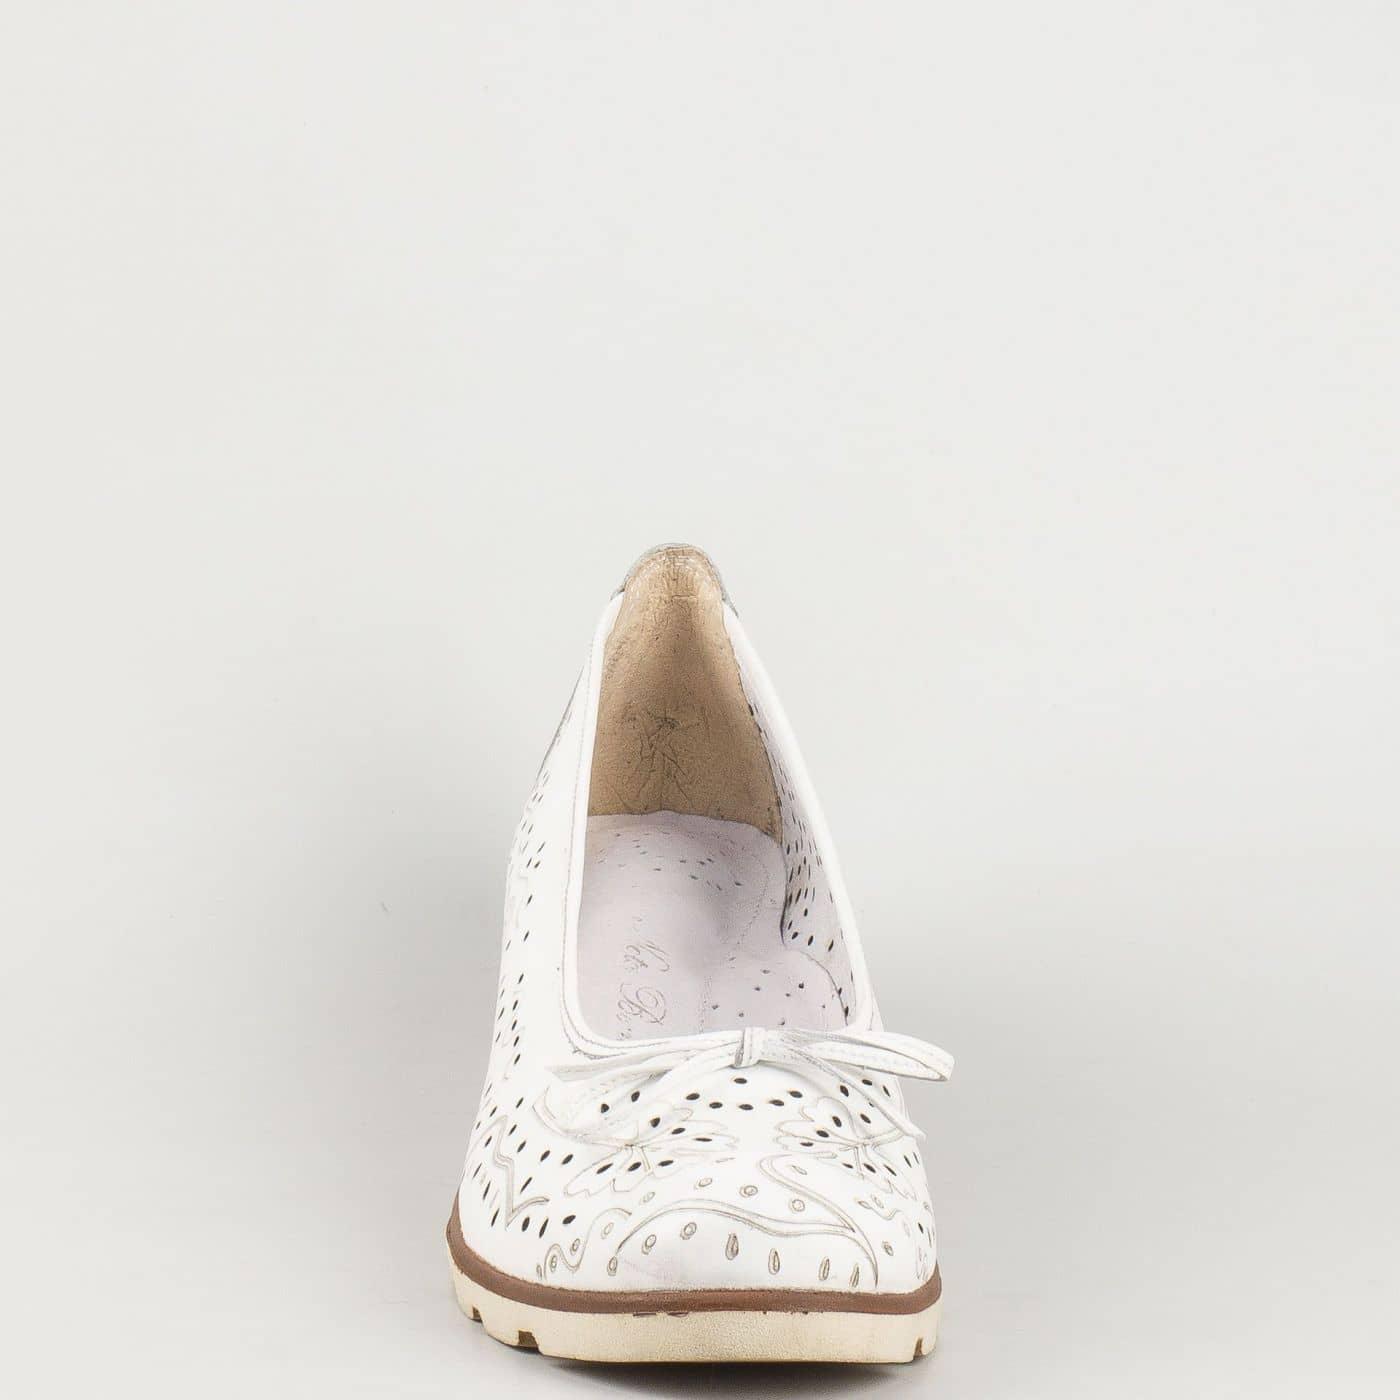 026dedb3c3d Комфортни бели дамски обувки Nota Bene от естествена кожа с перфорация  16233933b